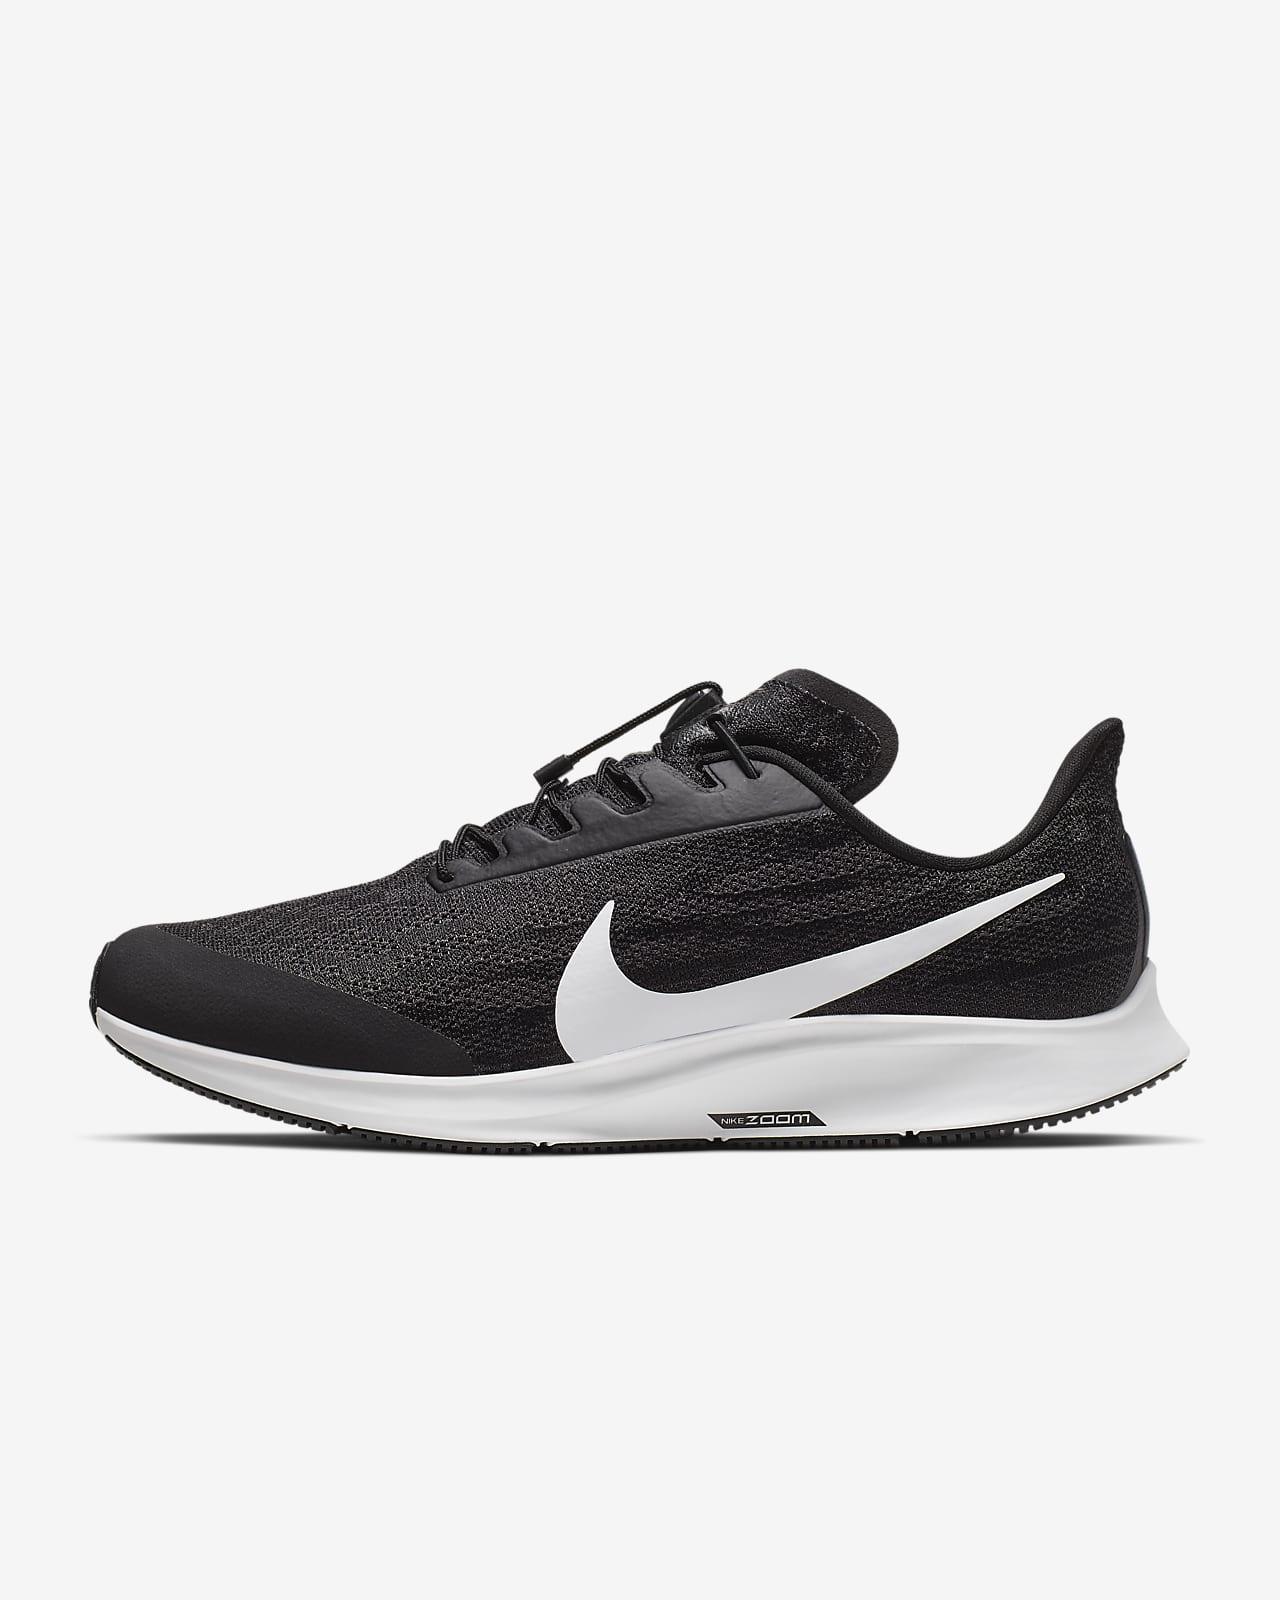 Calzado de running para hombre Nike Pegasus 36 FlyEase (extraancho)